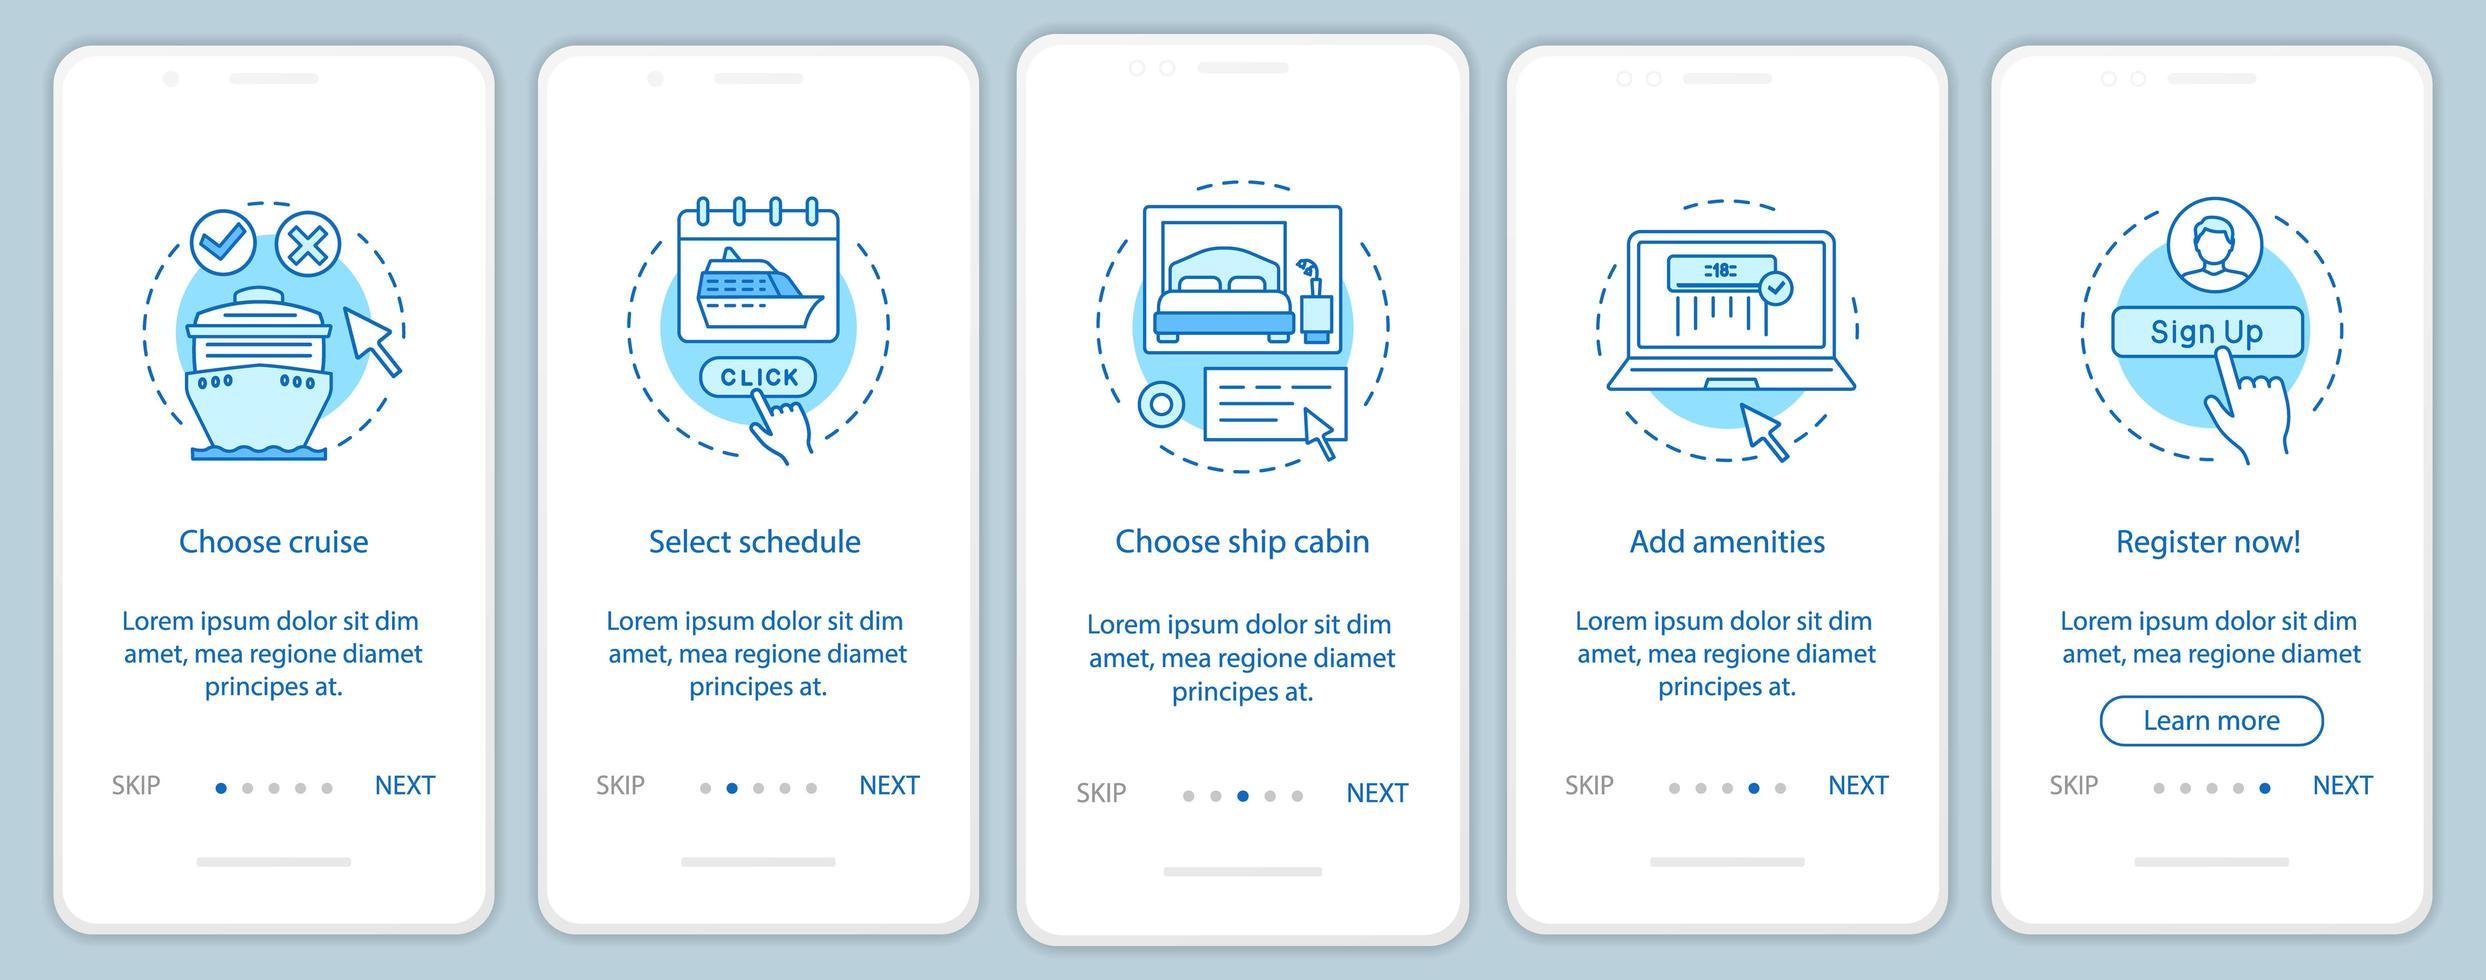 página do aplicativo móvel de integração de reservas de cruzeiros online vetor